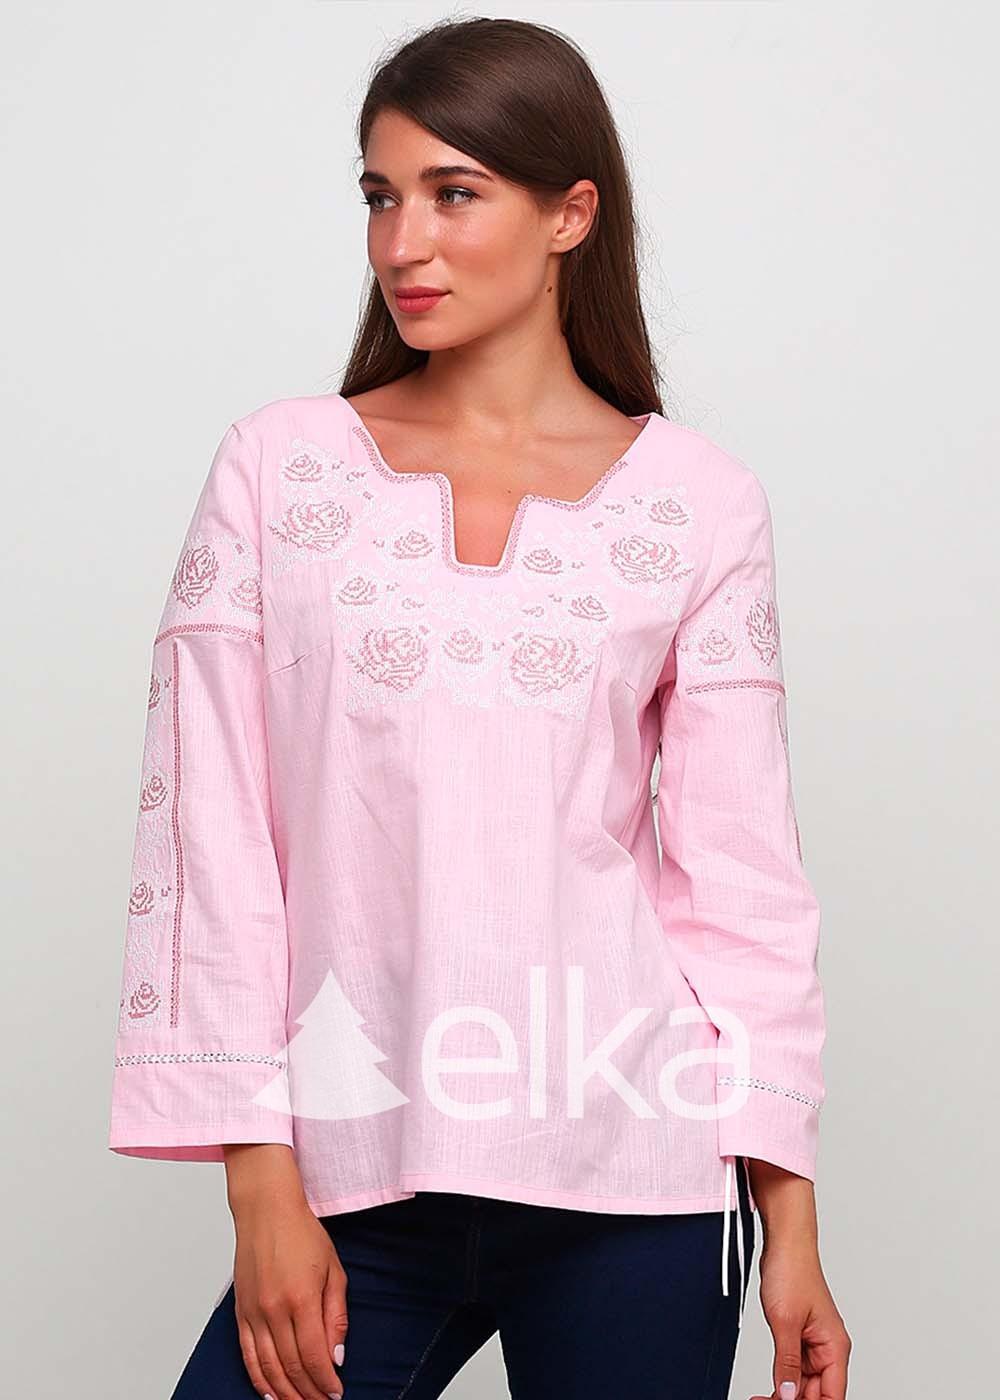 Вышиванка женская нежно-розовая